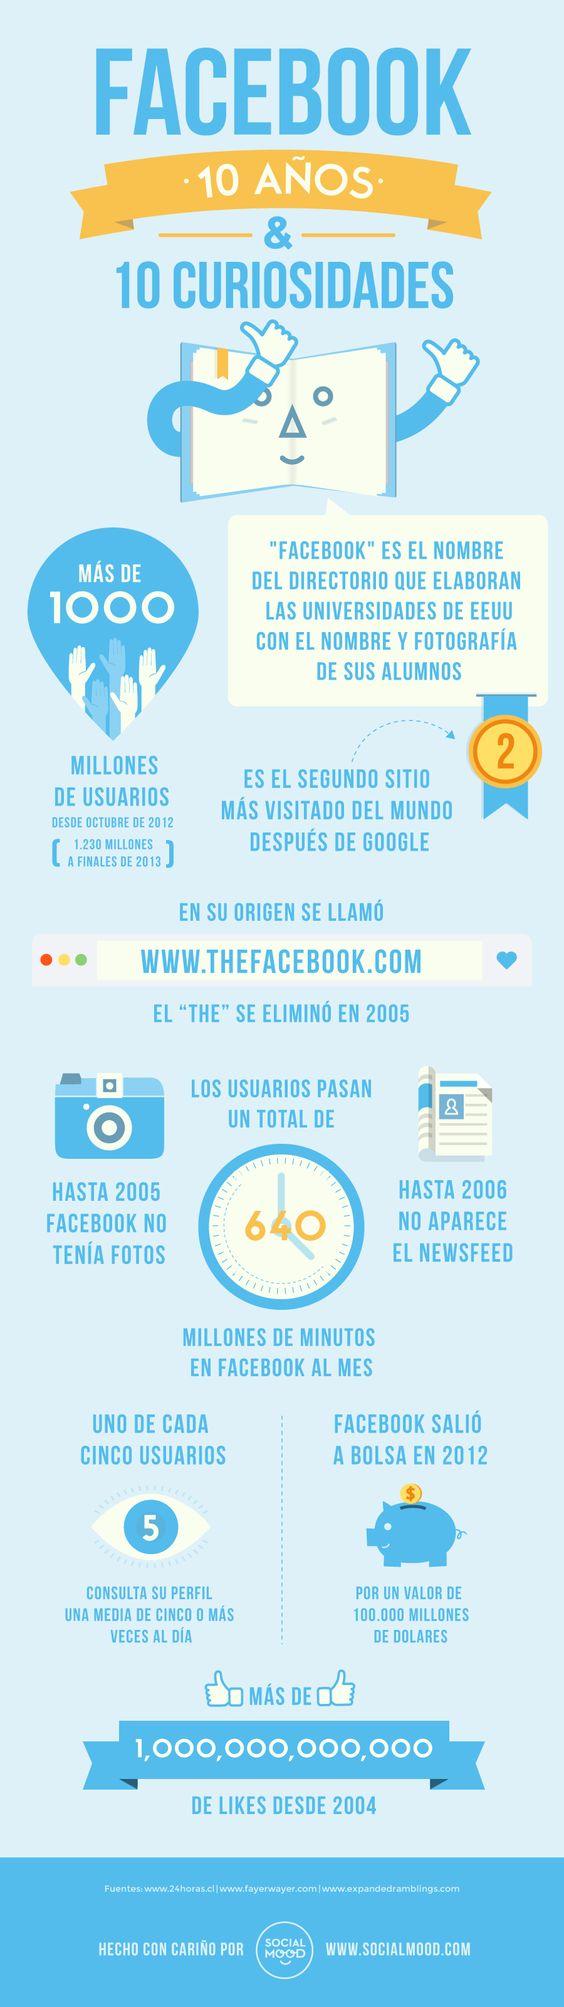 FaceBook: 10 años y 10 curiosidades #infografia